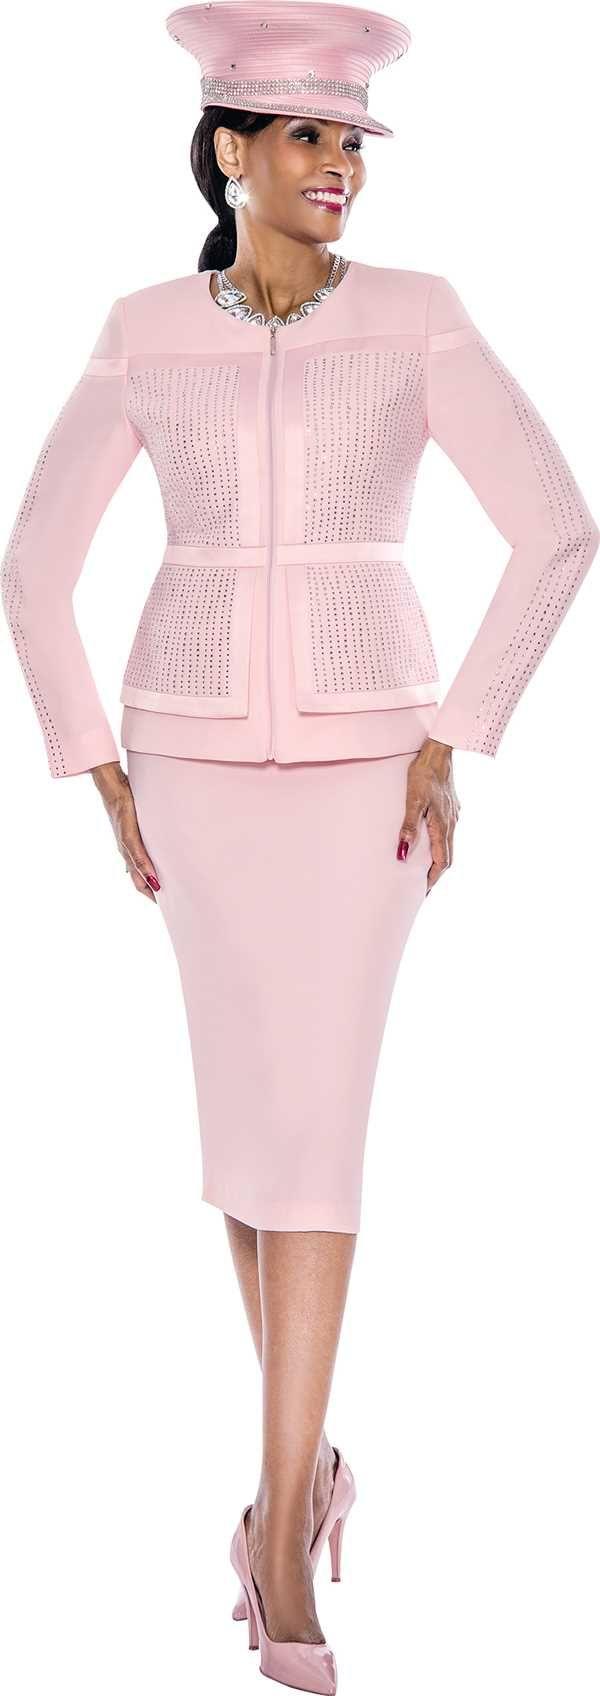 4568 best BEAUTIFUL DRESSE'S & SUIT'S images on Pinterest ...